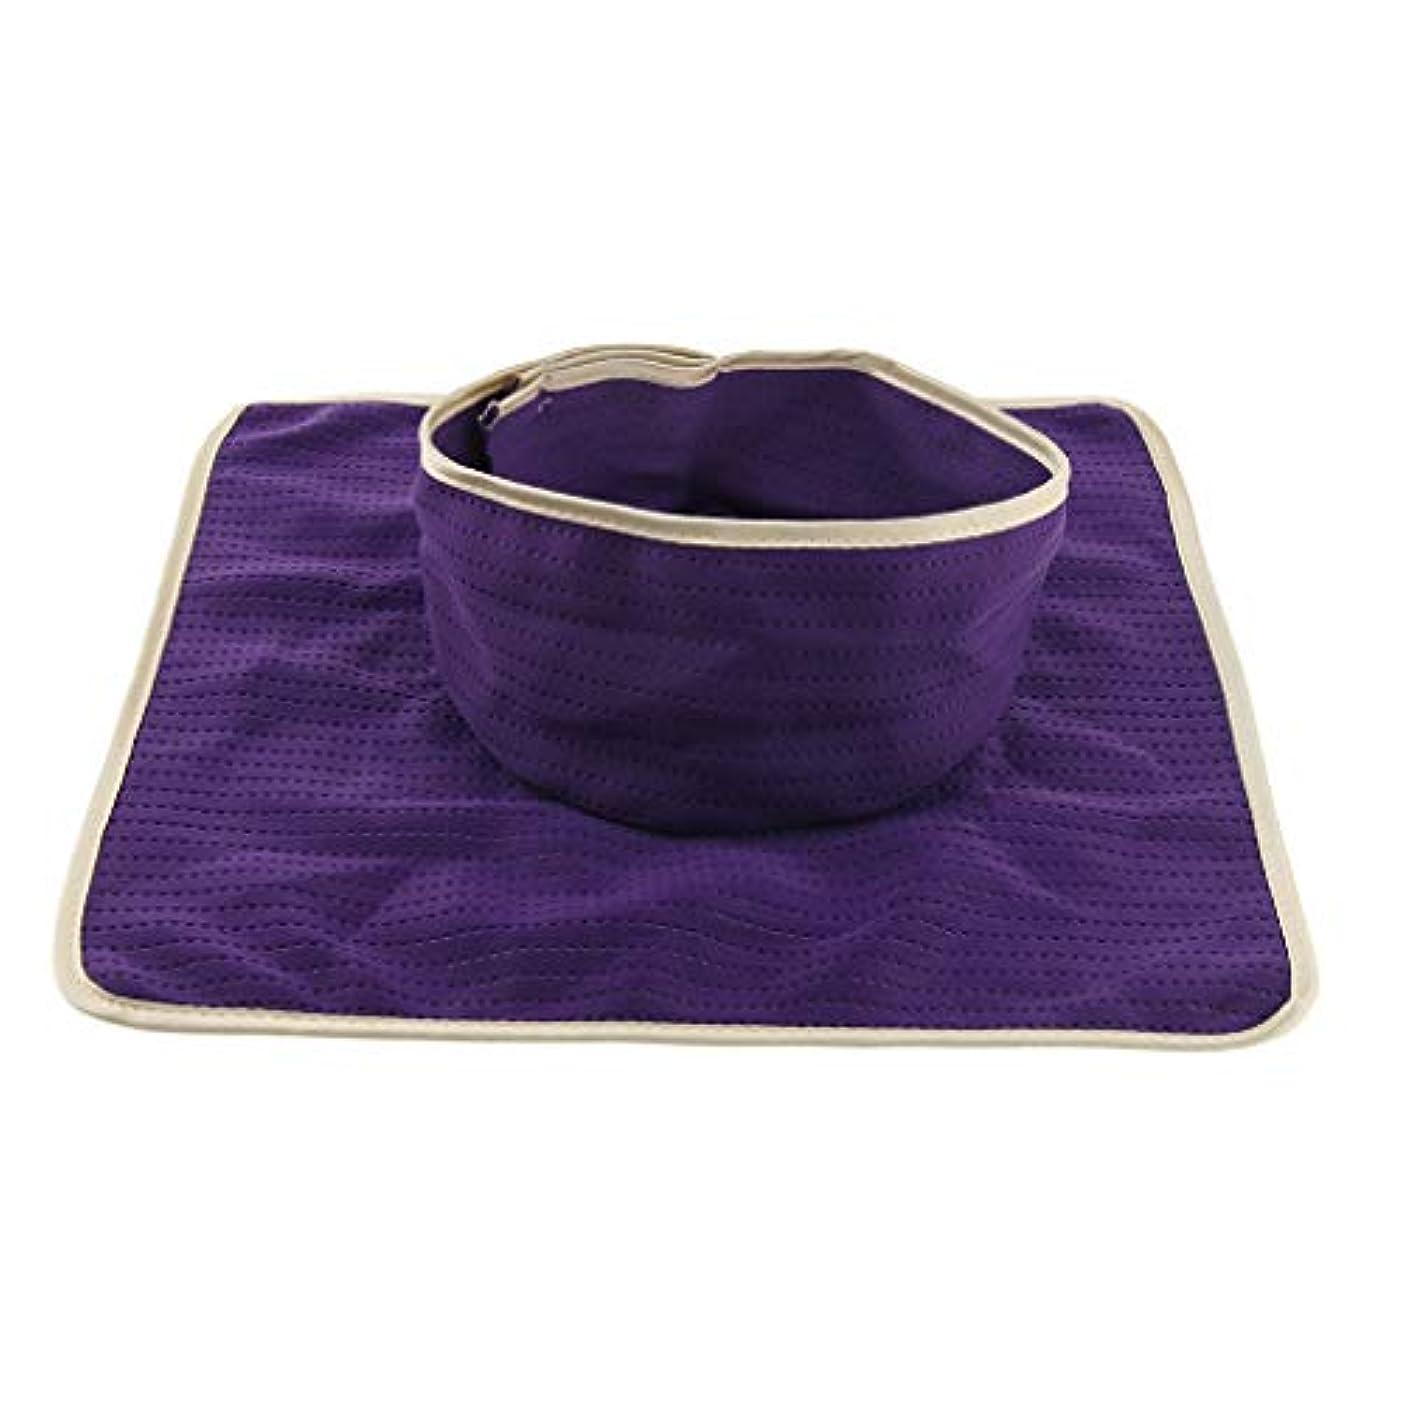 参照ゴネリルライオンBaoblaze マッサージのベッド用 パッド マットシート 顔の穴付き 洗える 約35×35cm 全3色 - 紫